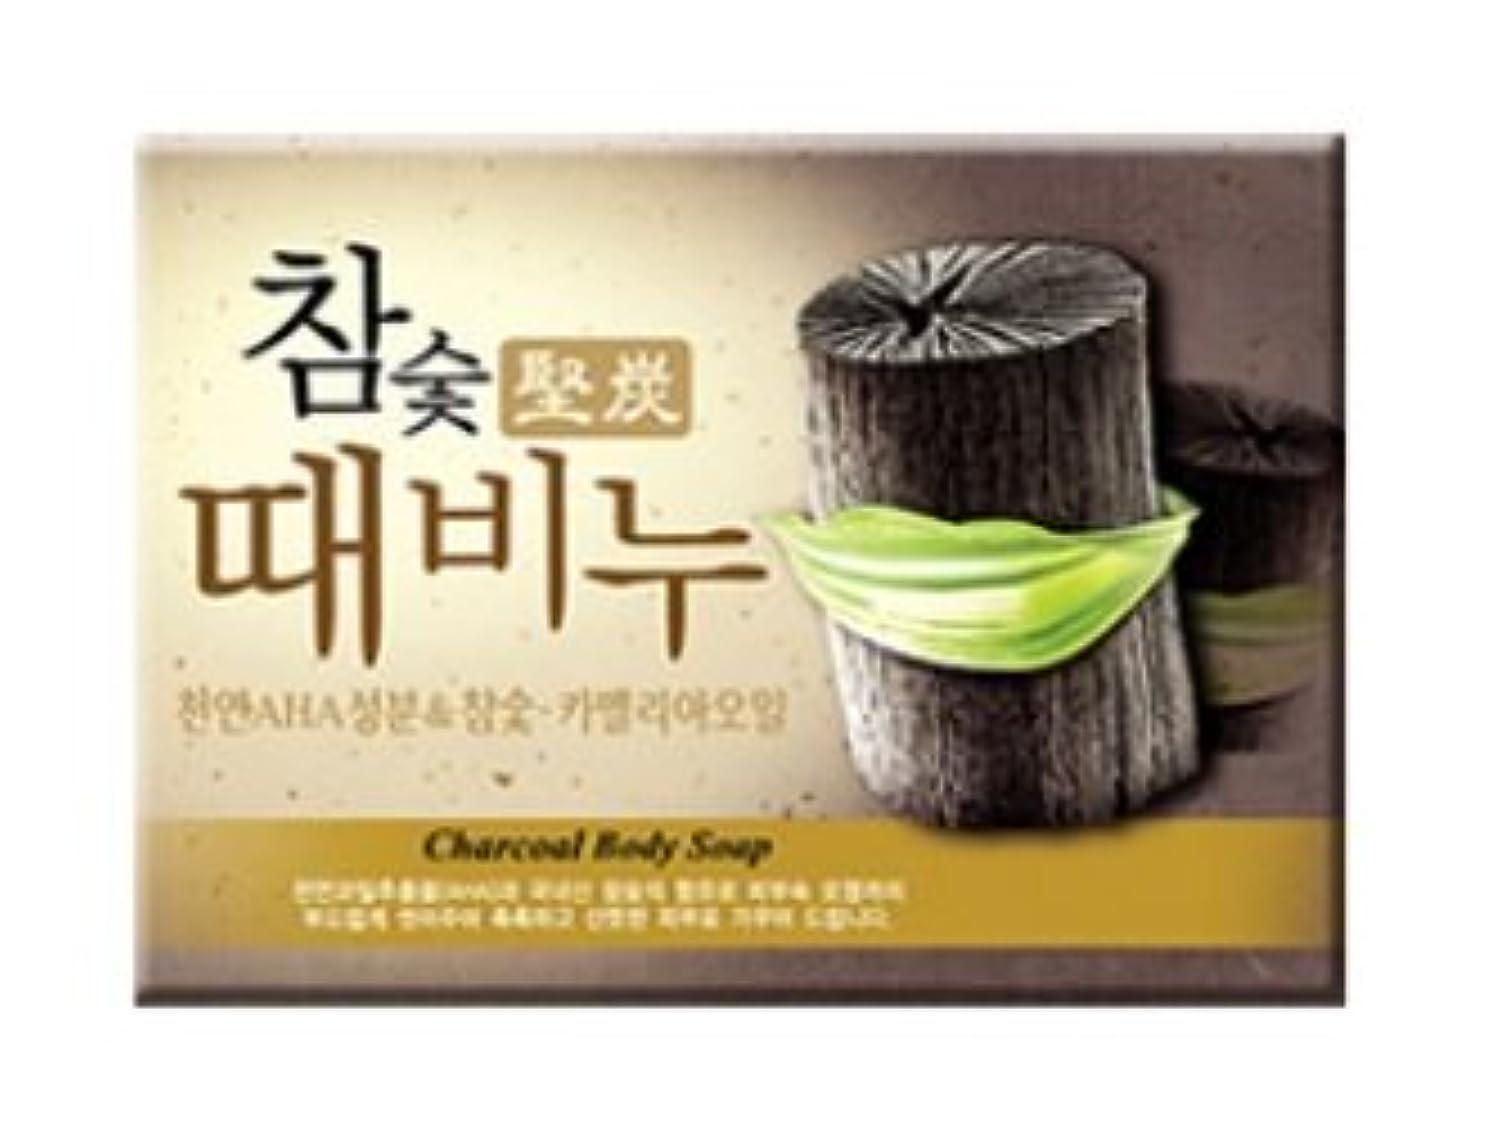 最愛の寺院起きて堅炭ソープ 100g / Charcoal Body Soap [並行輸入品]